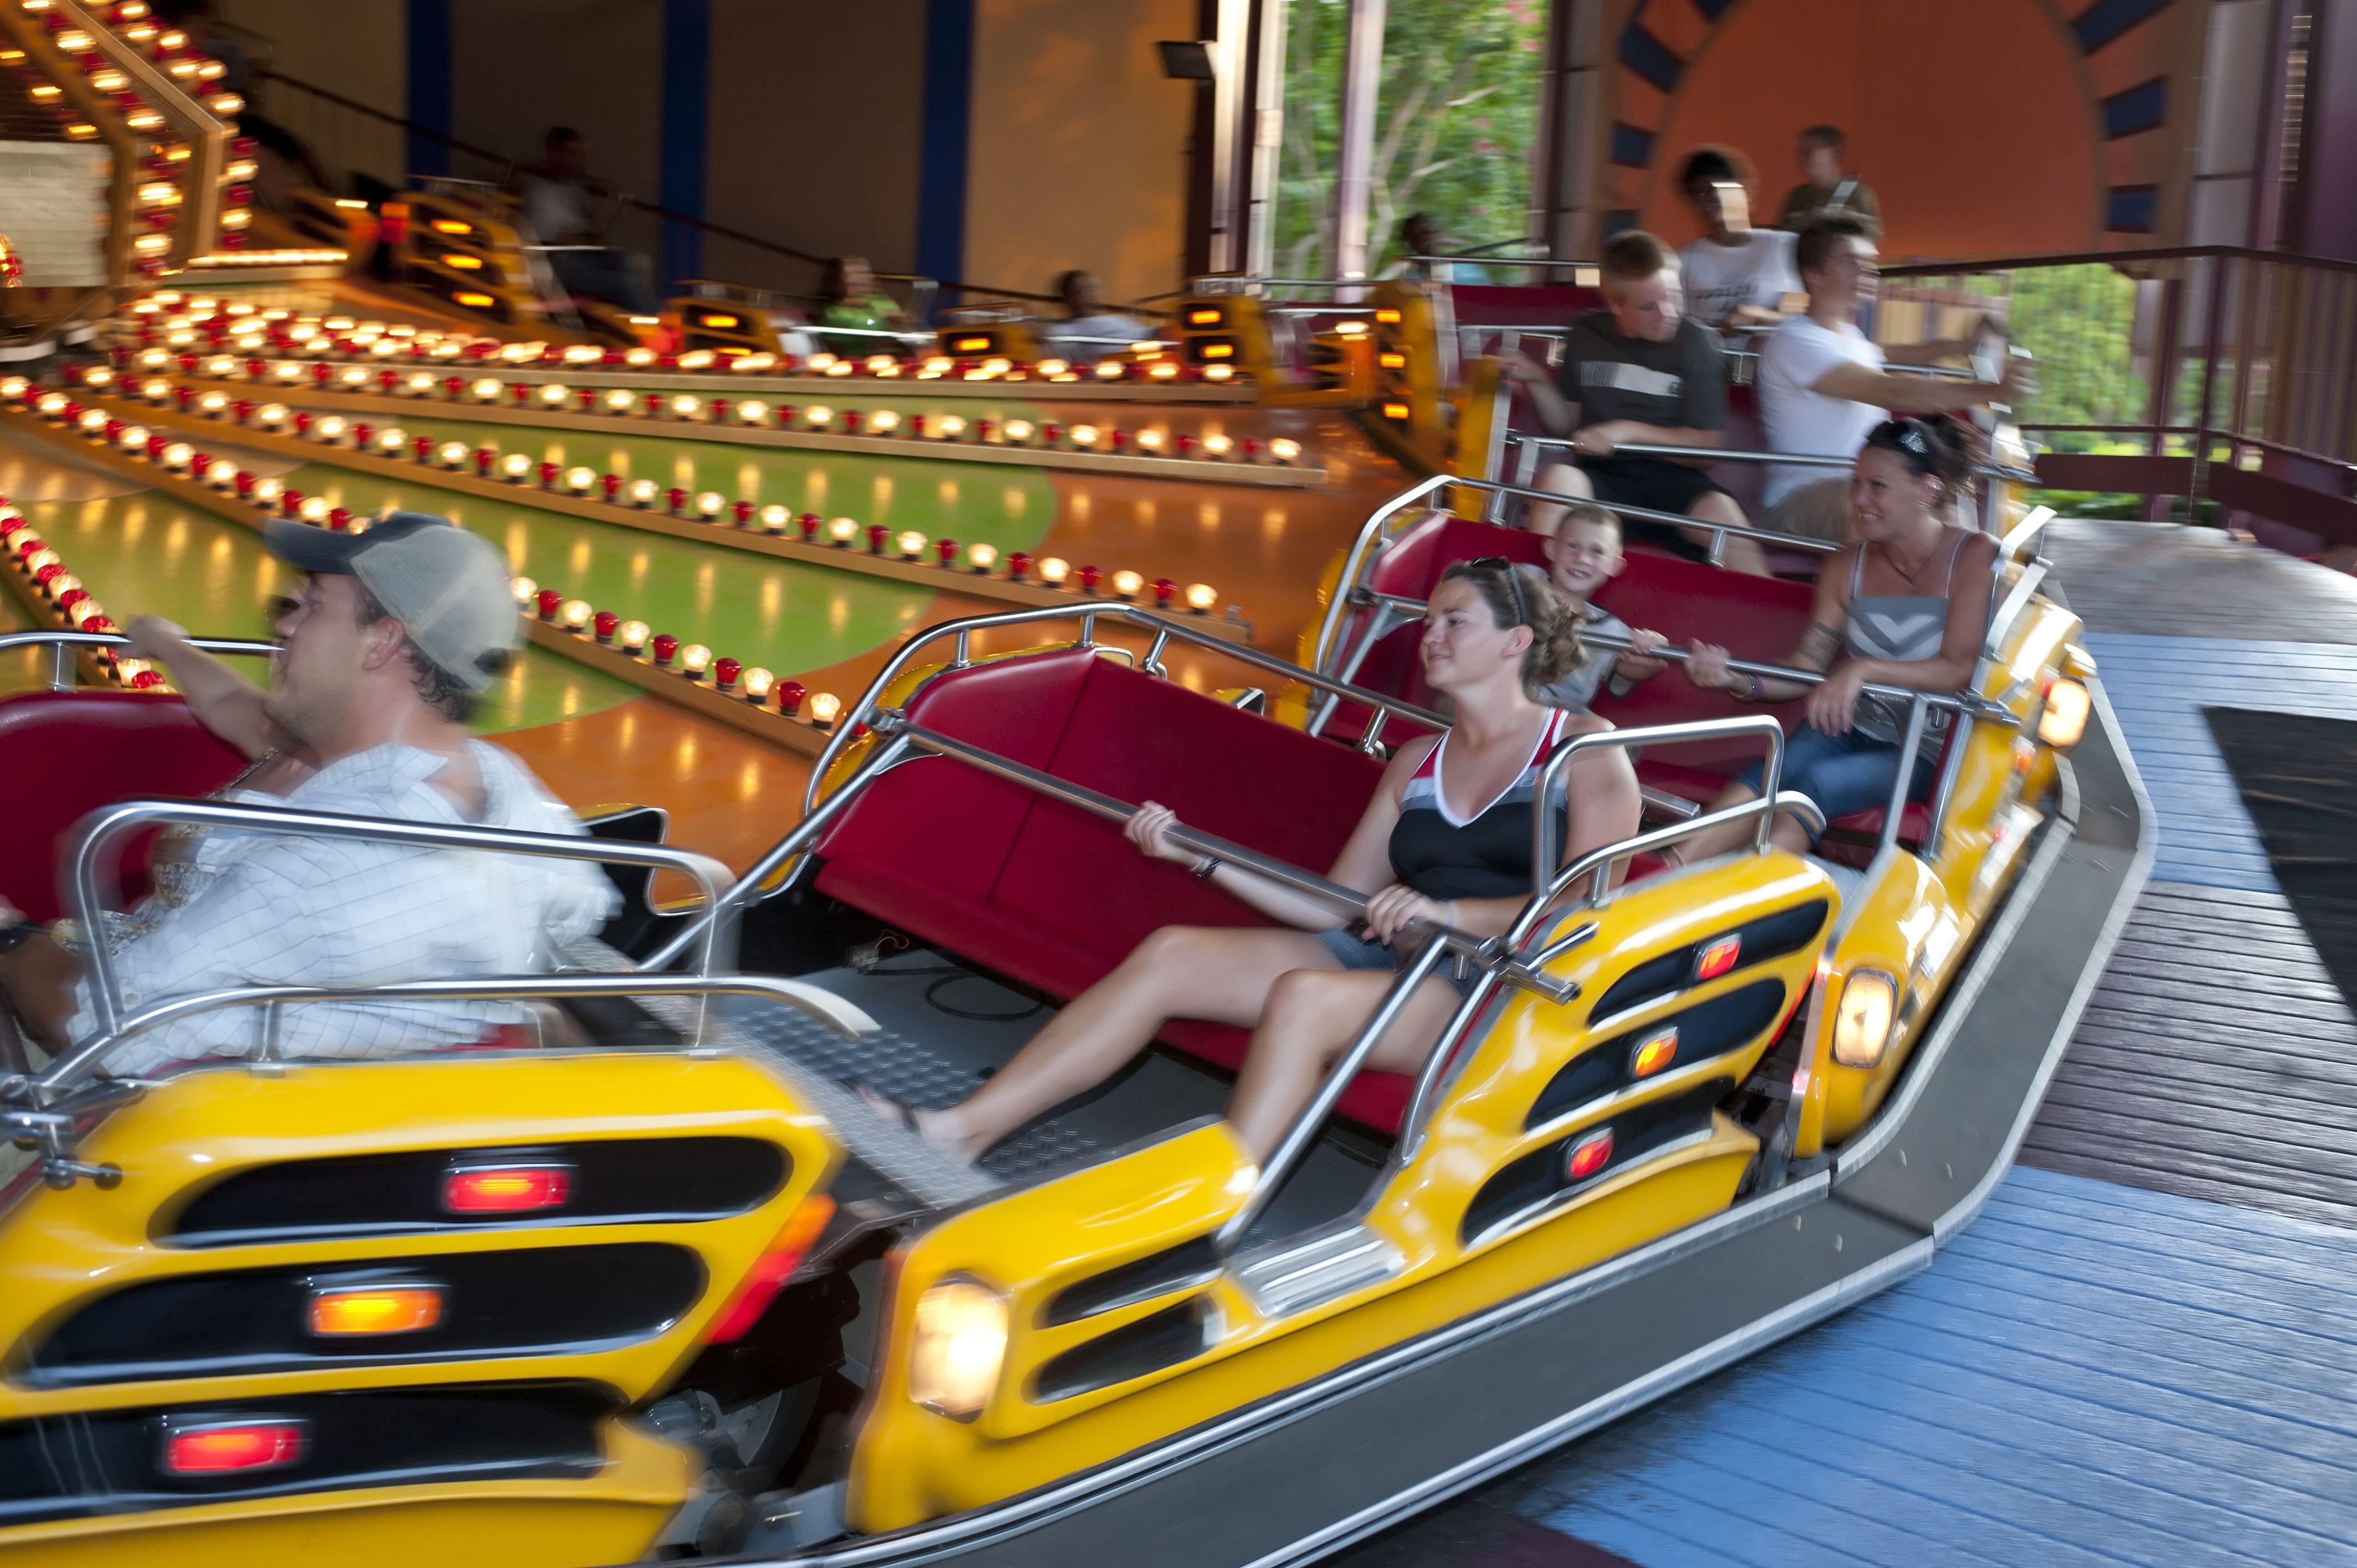 048d1a97b457f51412f1ec2d83321b20 - Da Vinci's Cradle Busch Gardens Williamsburg